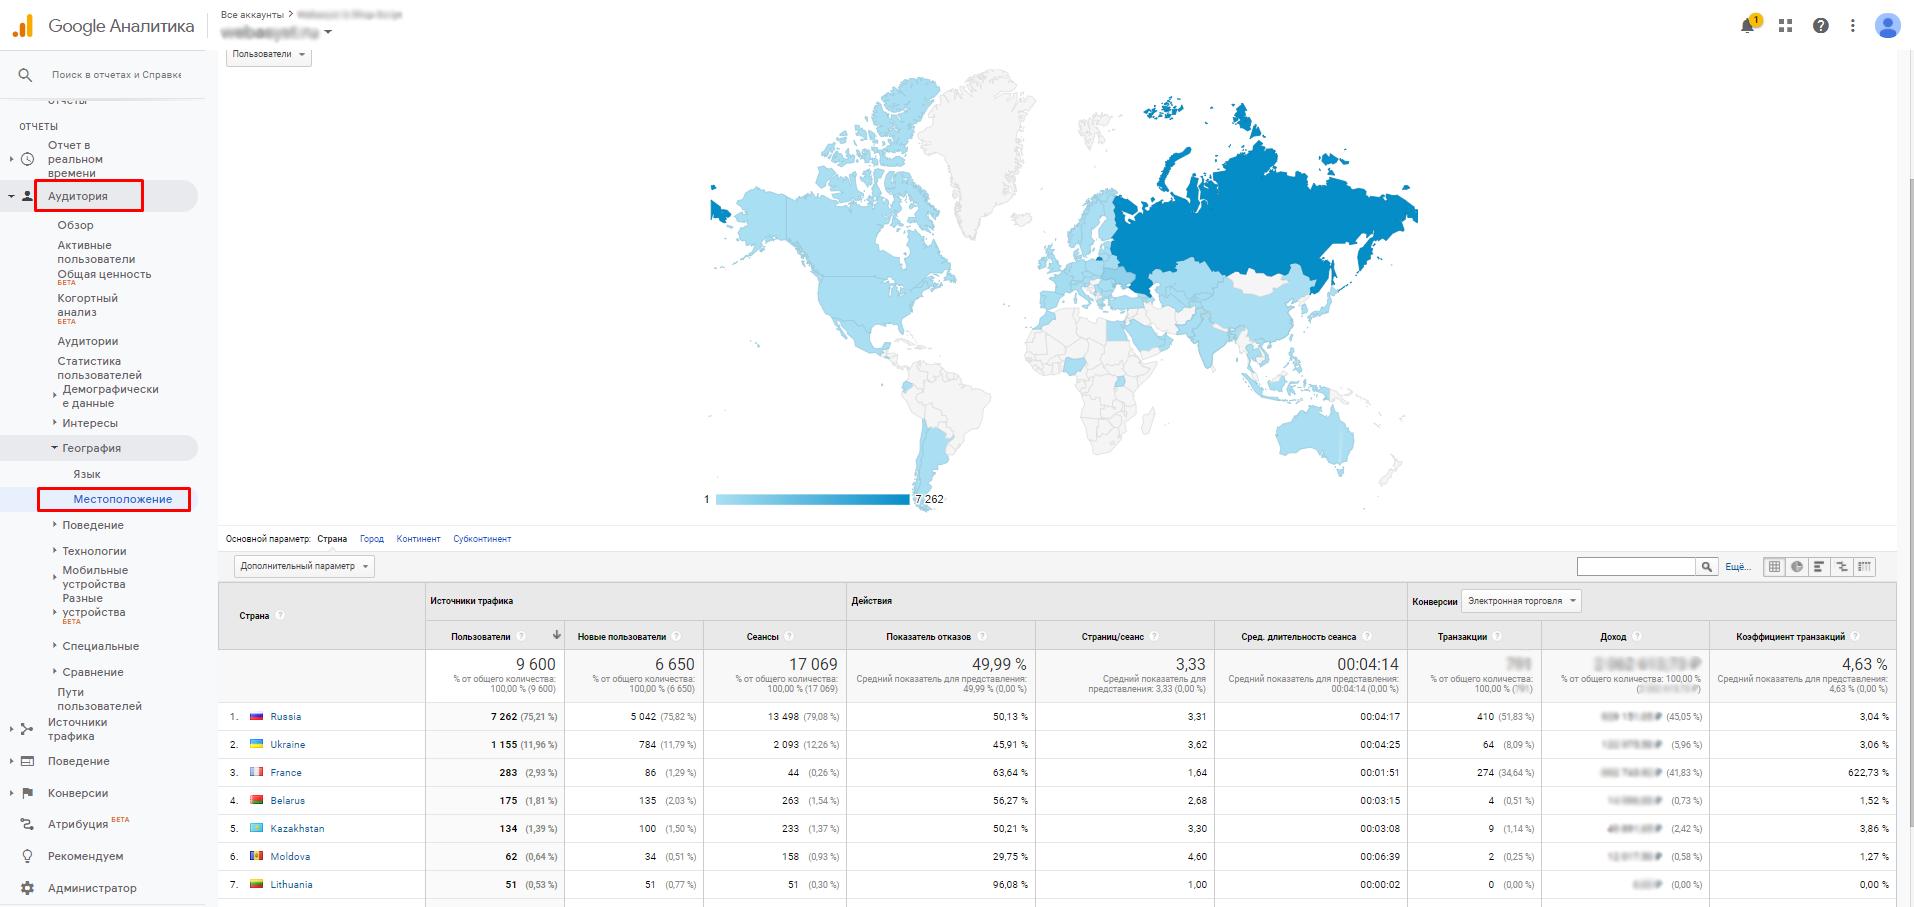 Отчет по местоположению пользователей Google Analytics